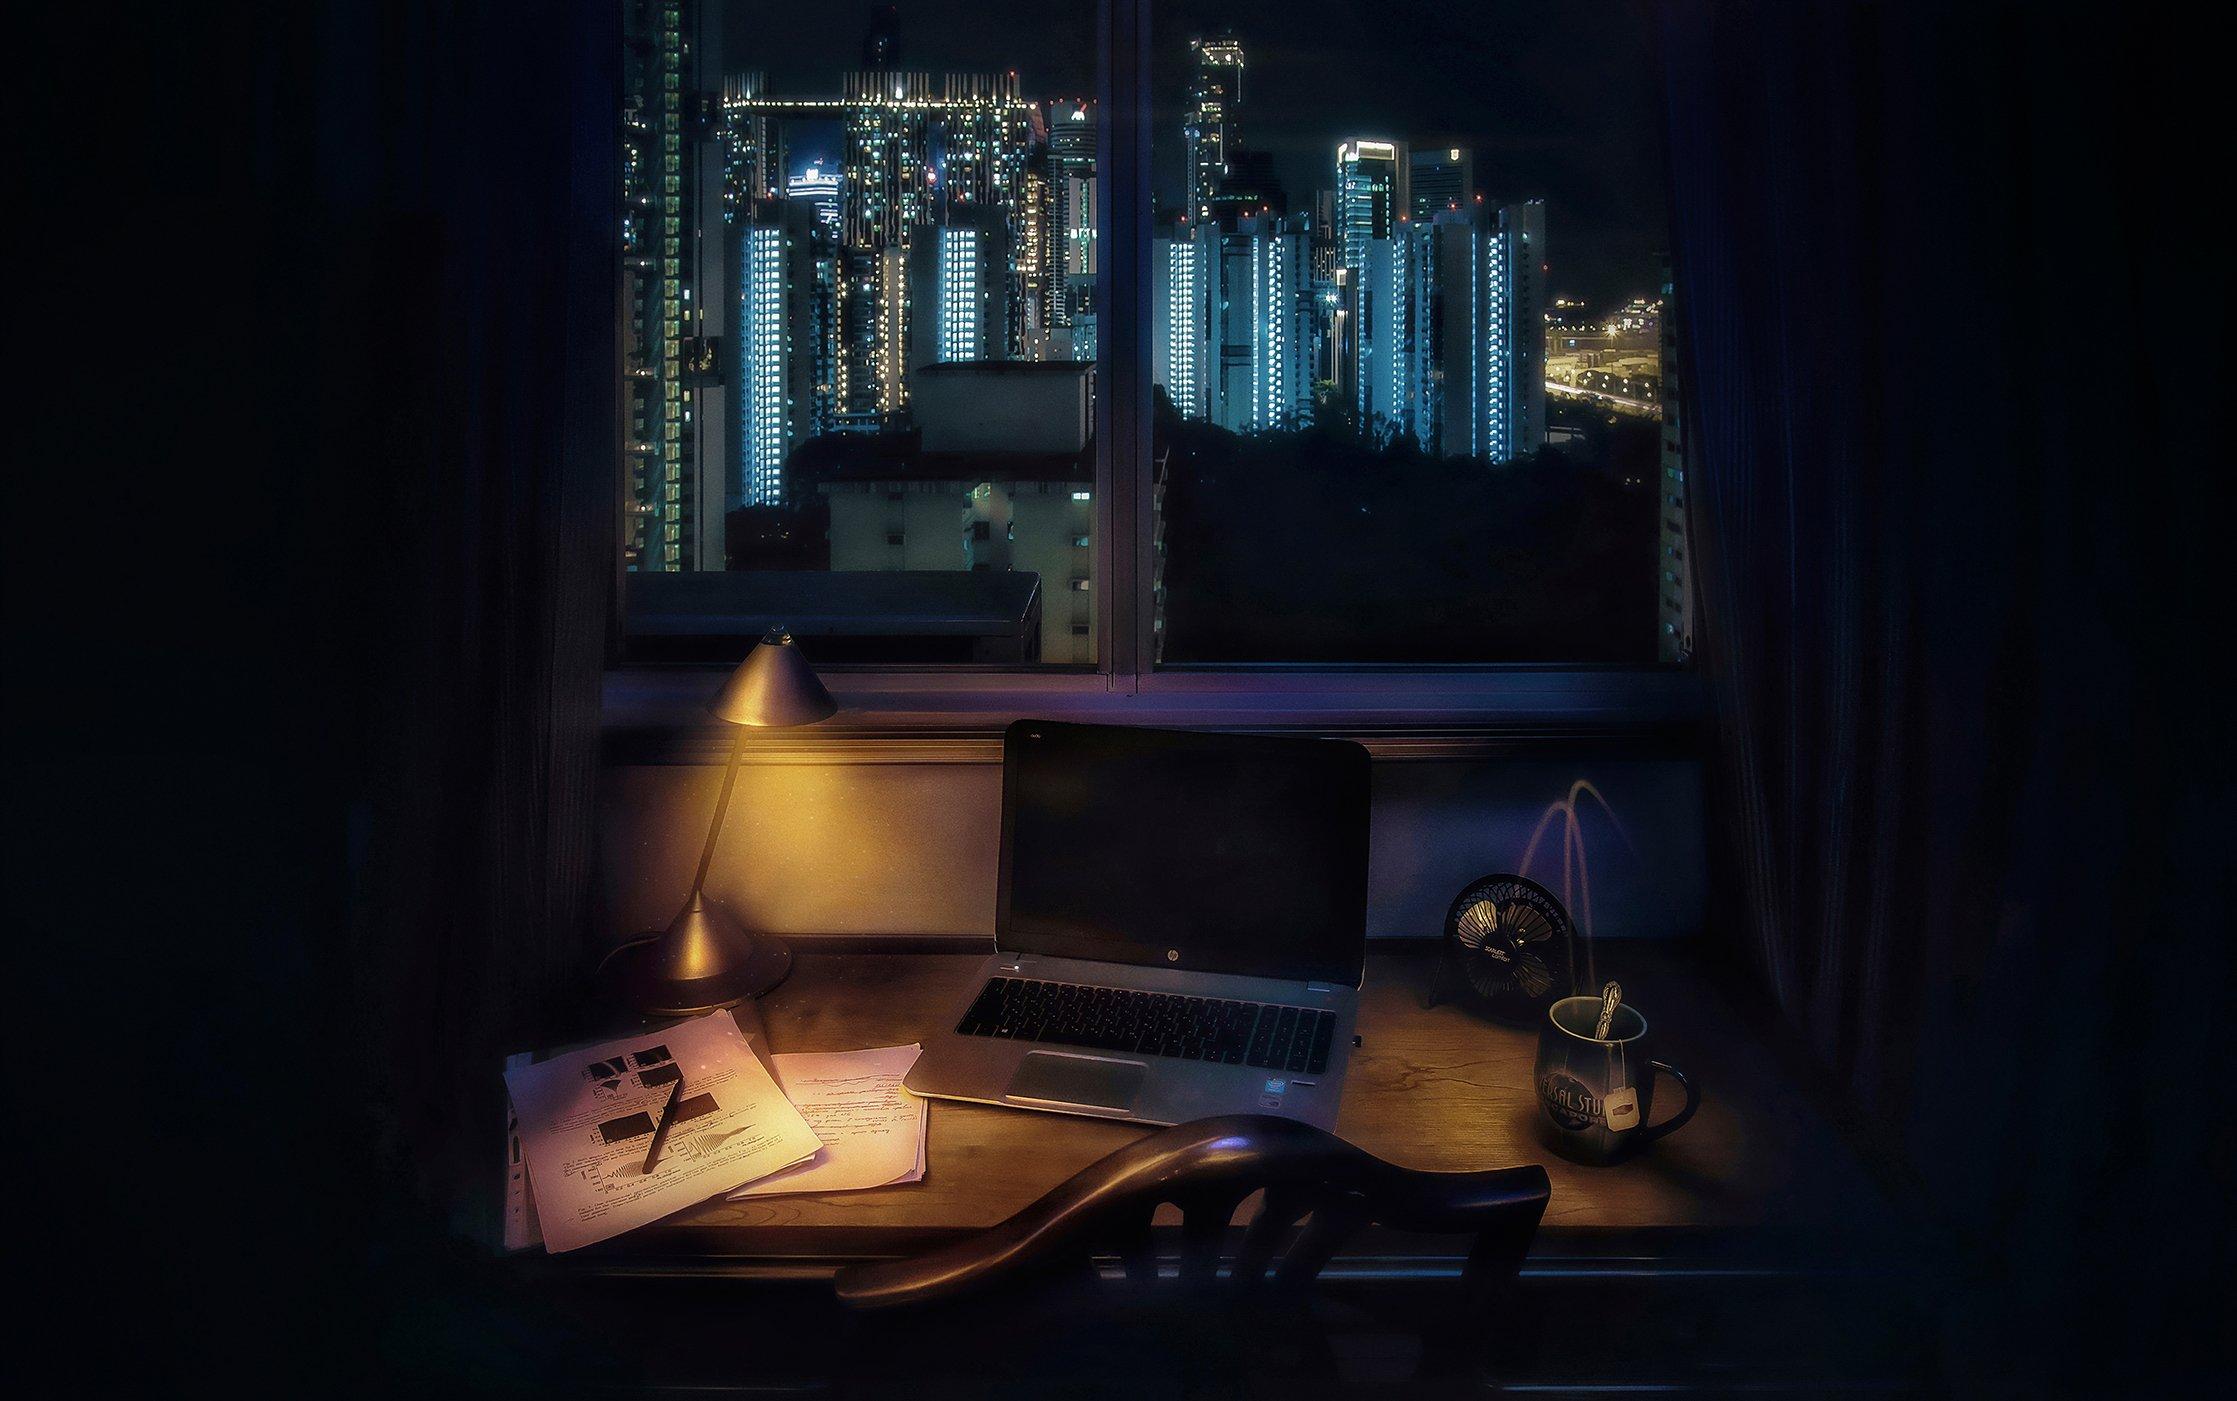 город, сингапур, архитектура, длинная выдержка, ночь, Алексей Ермаков